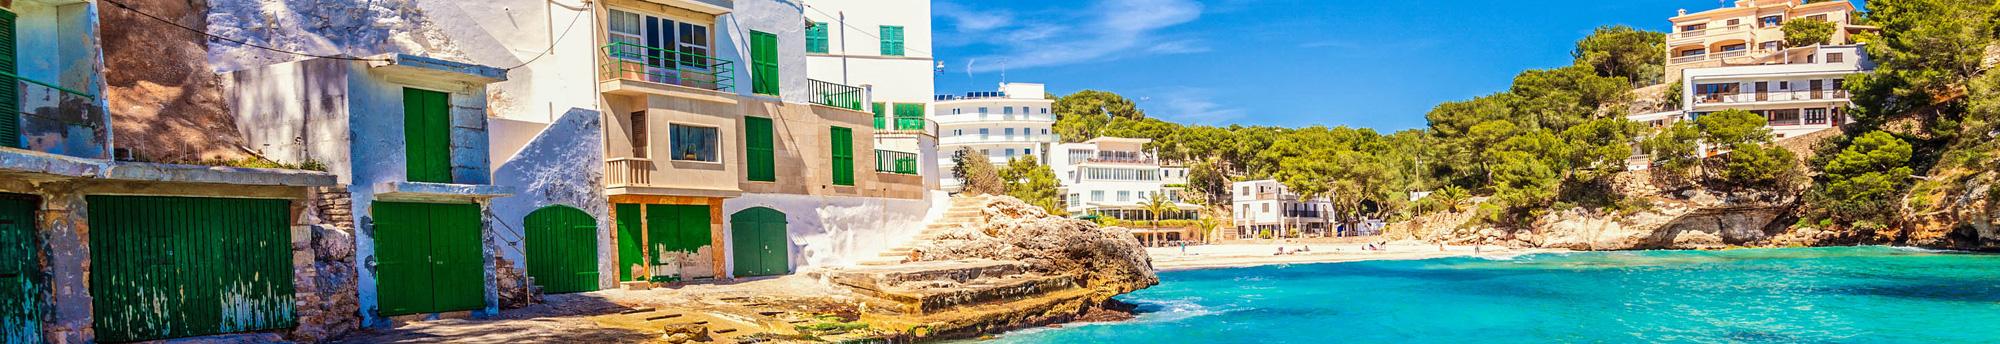 Vol + Hôtel à Majorque